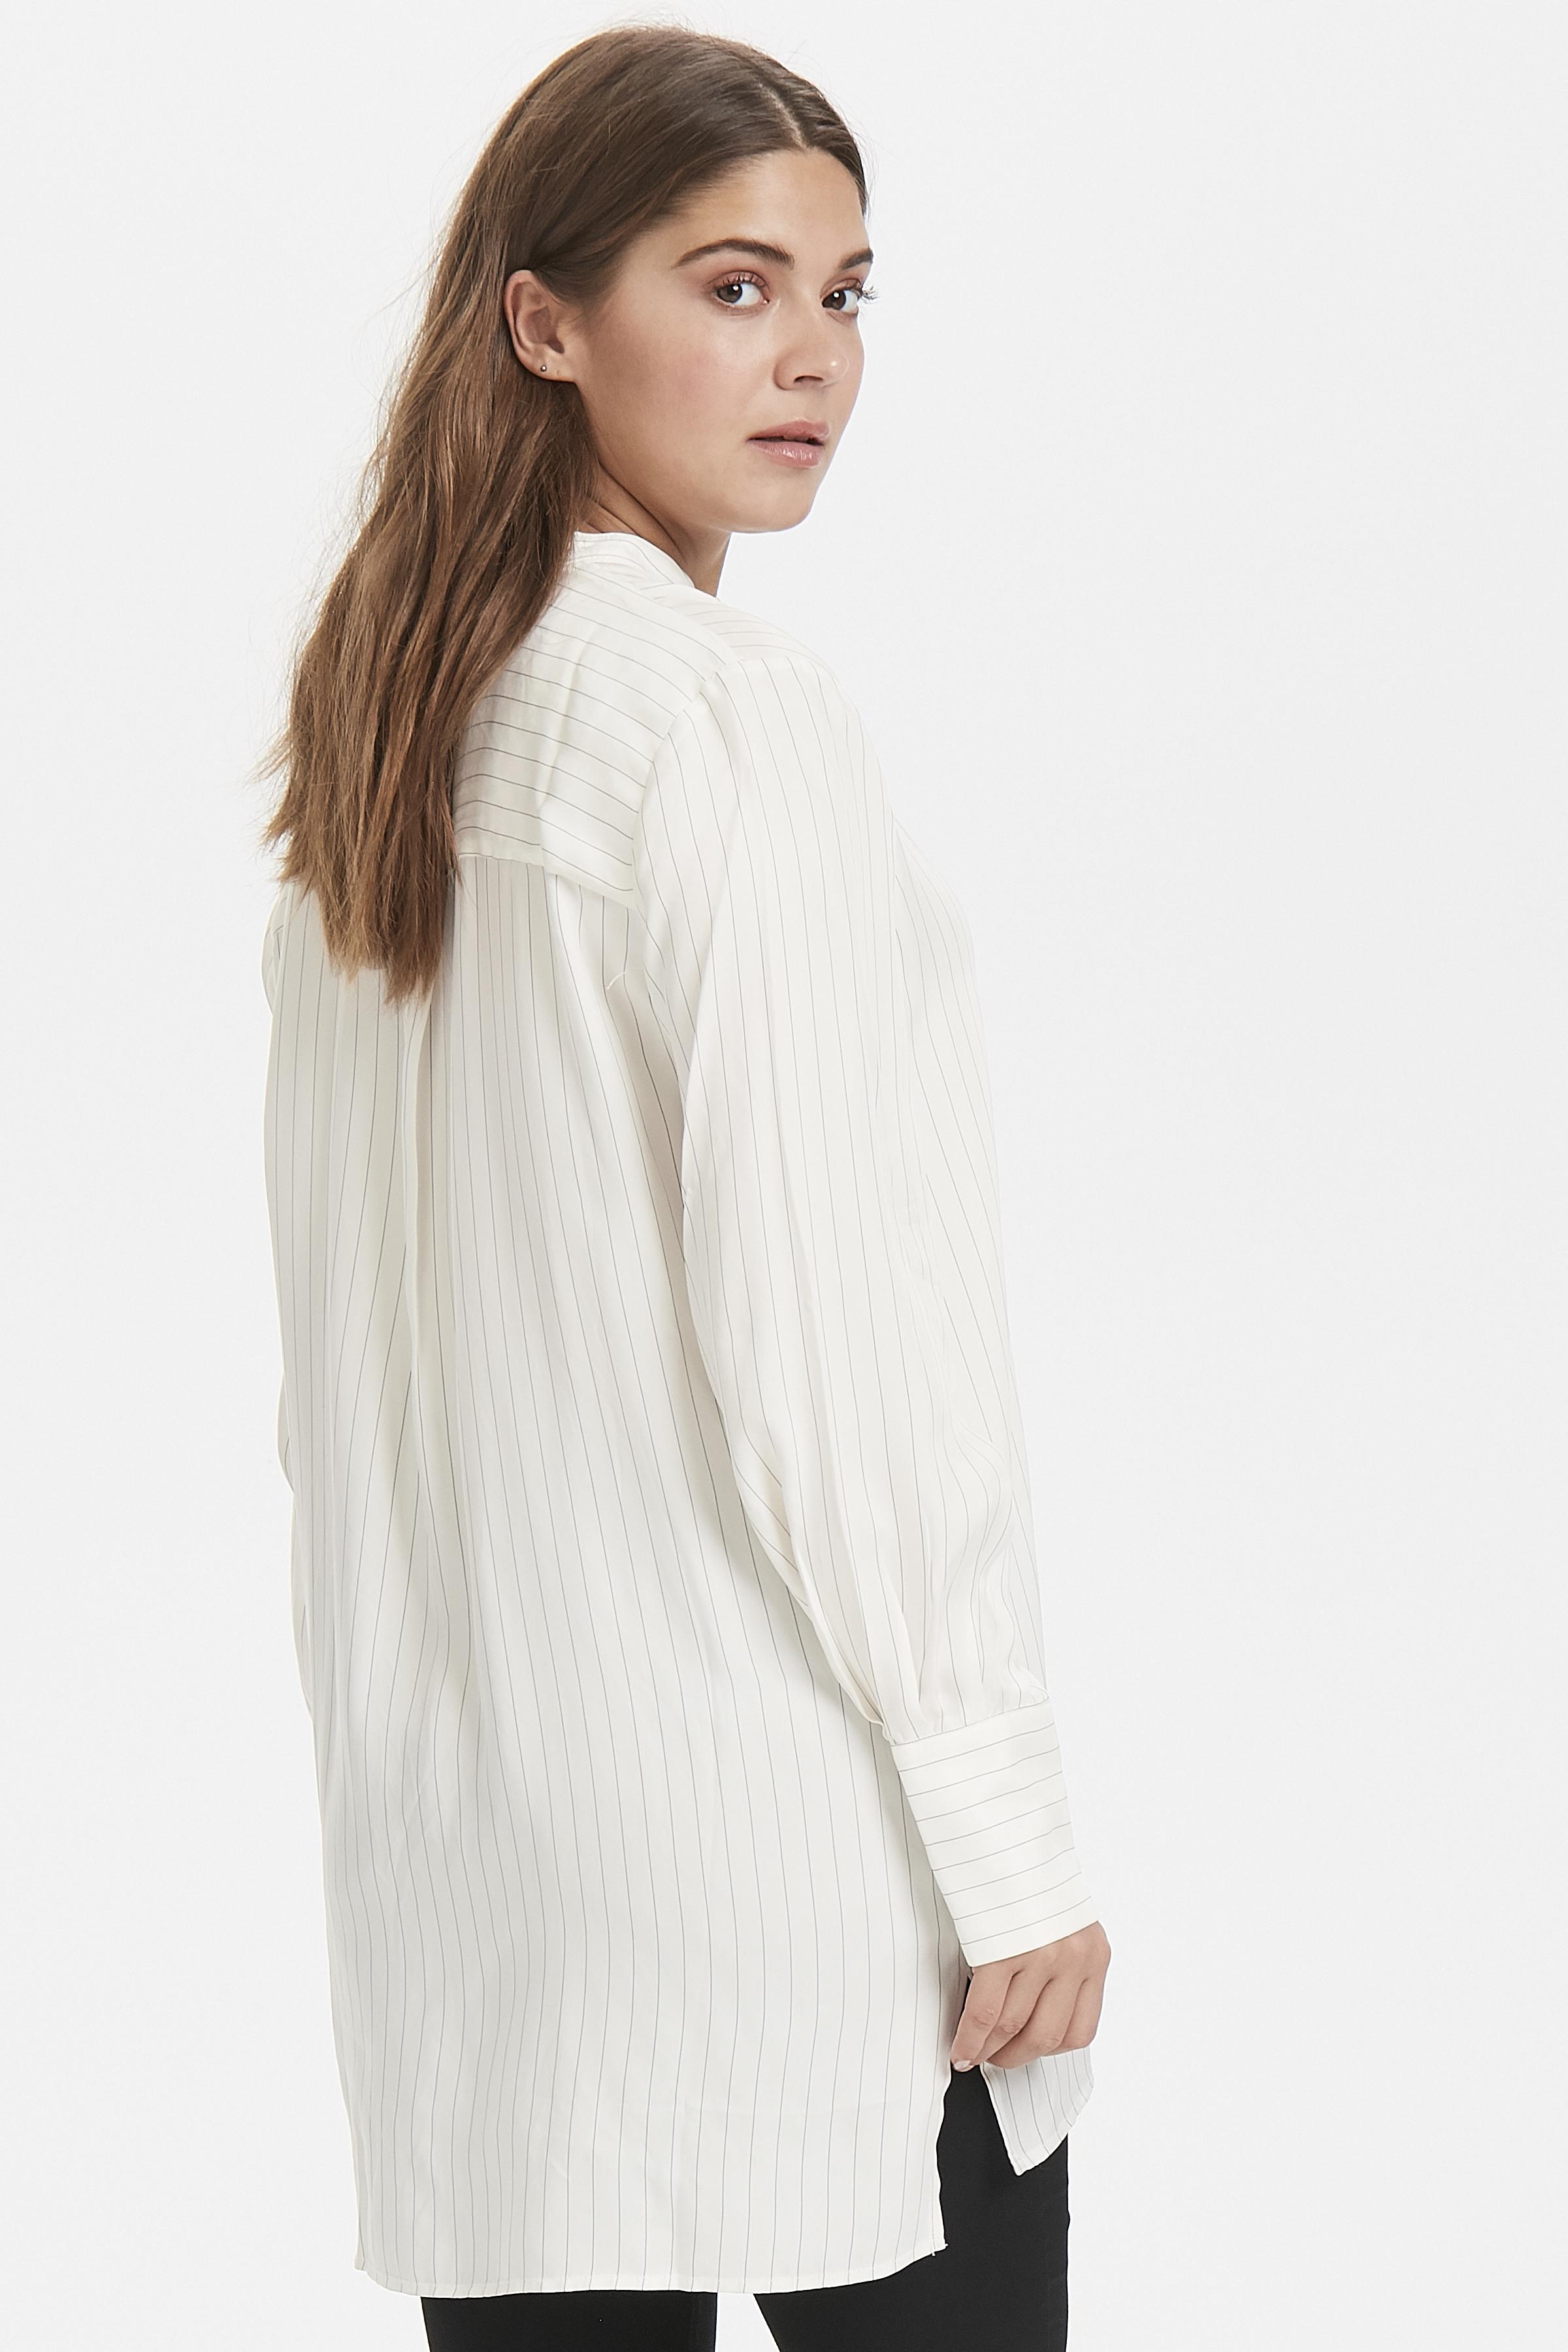 Off White Långärmad skjorta från b.young – Köp Off White Långärmad skjorta från storlek 36-46 här